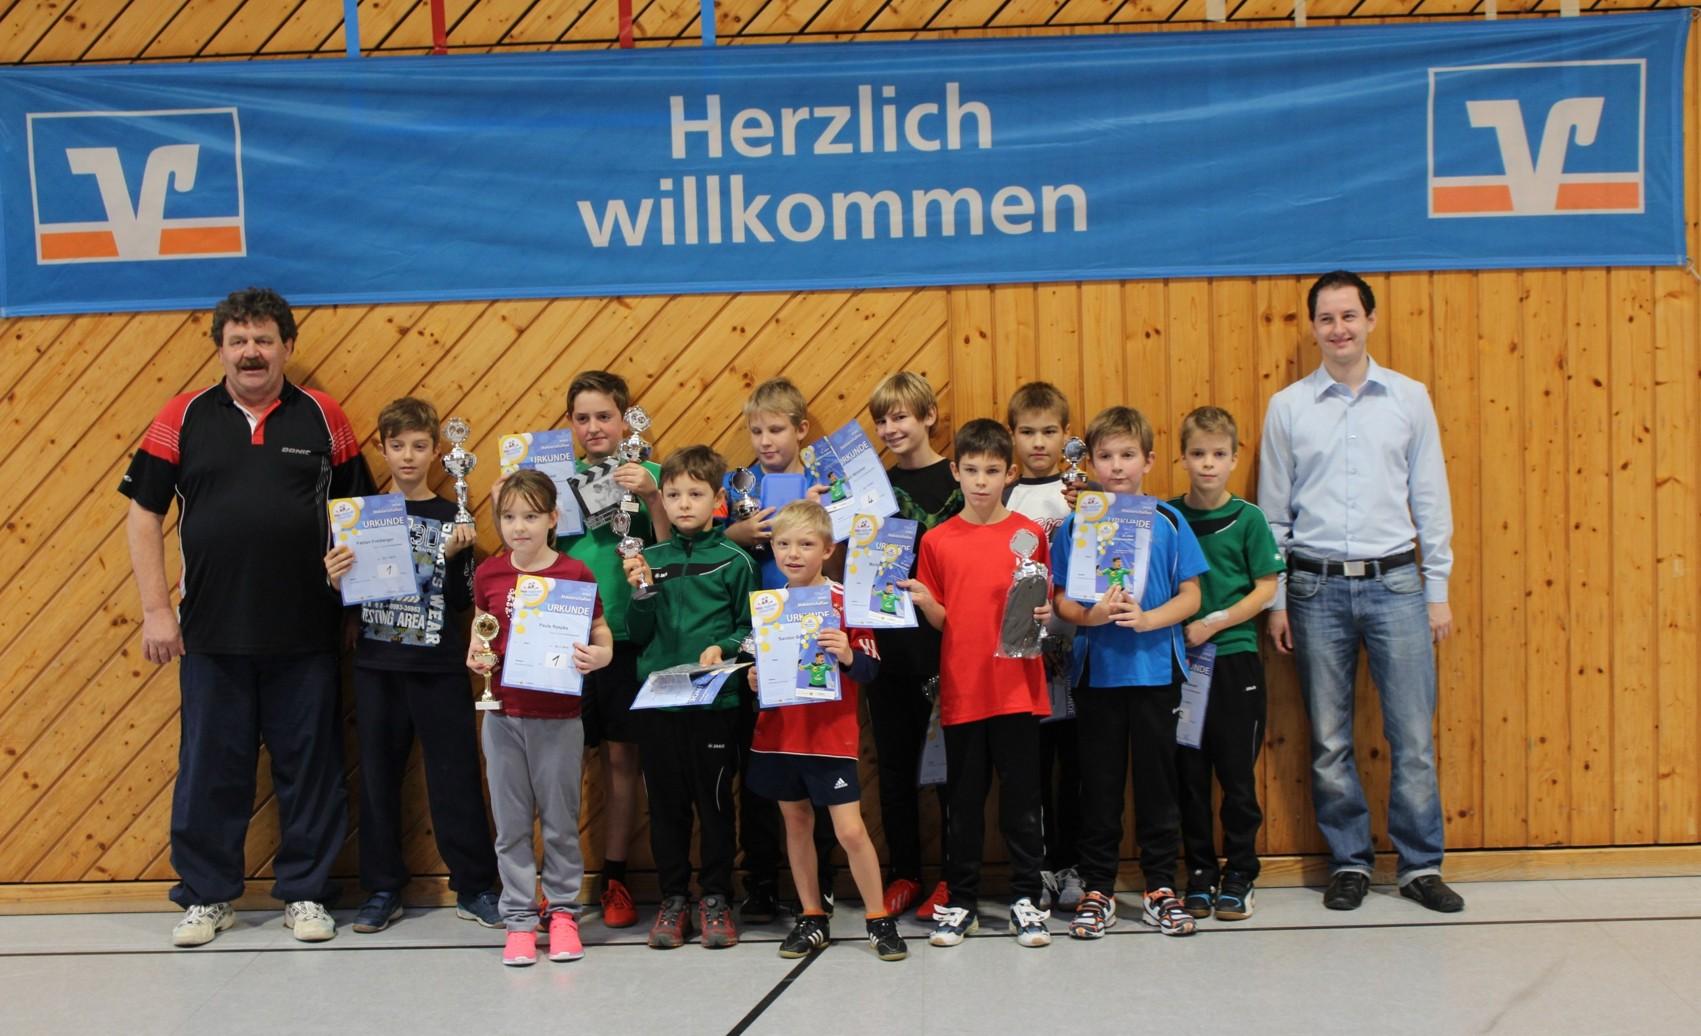 Werner Ihm (TSV Isen) und Florian Mayer (Raiffeisen-Volksbank Isen-Sempt eG) mit den glücklichen Gewinnern.